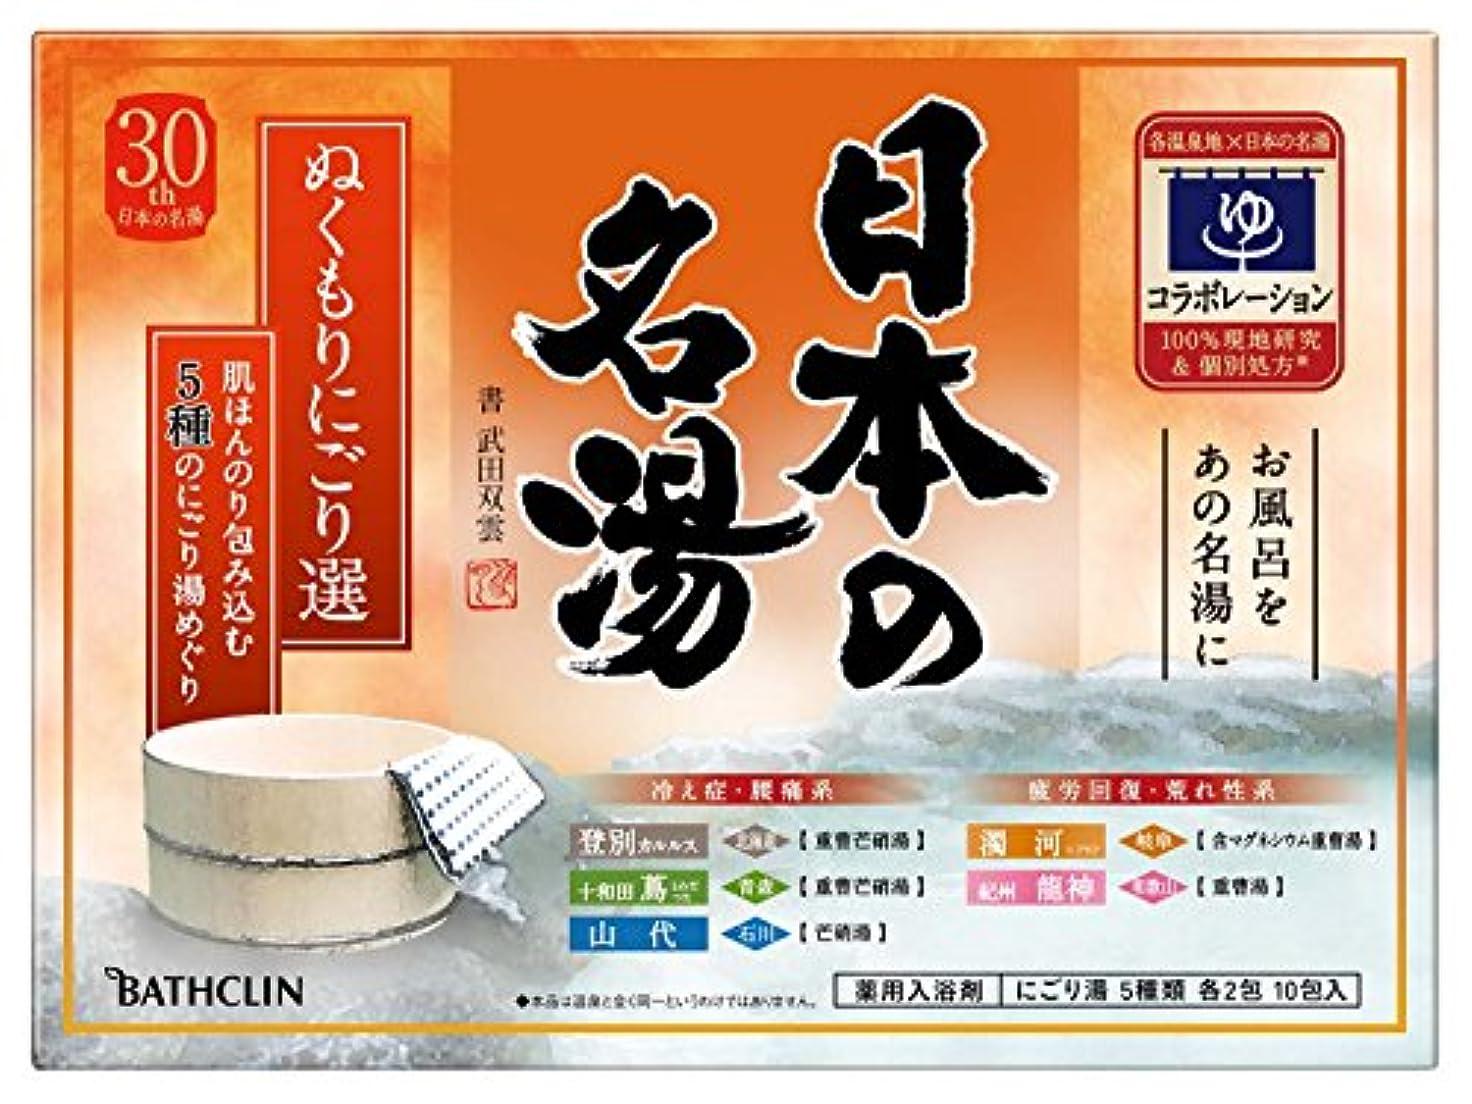 評価するあそこ戸口【医薬部外品】日本の名湯入浴剤 ぬくもりにごり選 30g ×10包 個包装 詰め合わせ 温泉タイプ